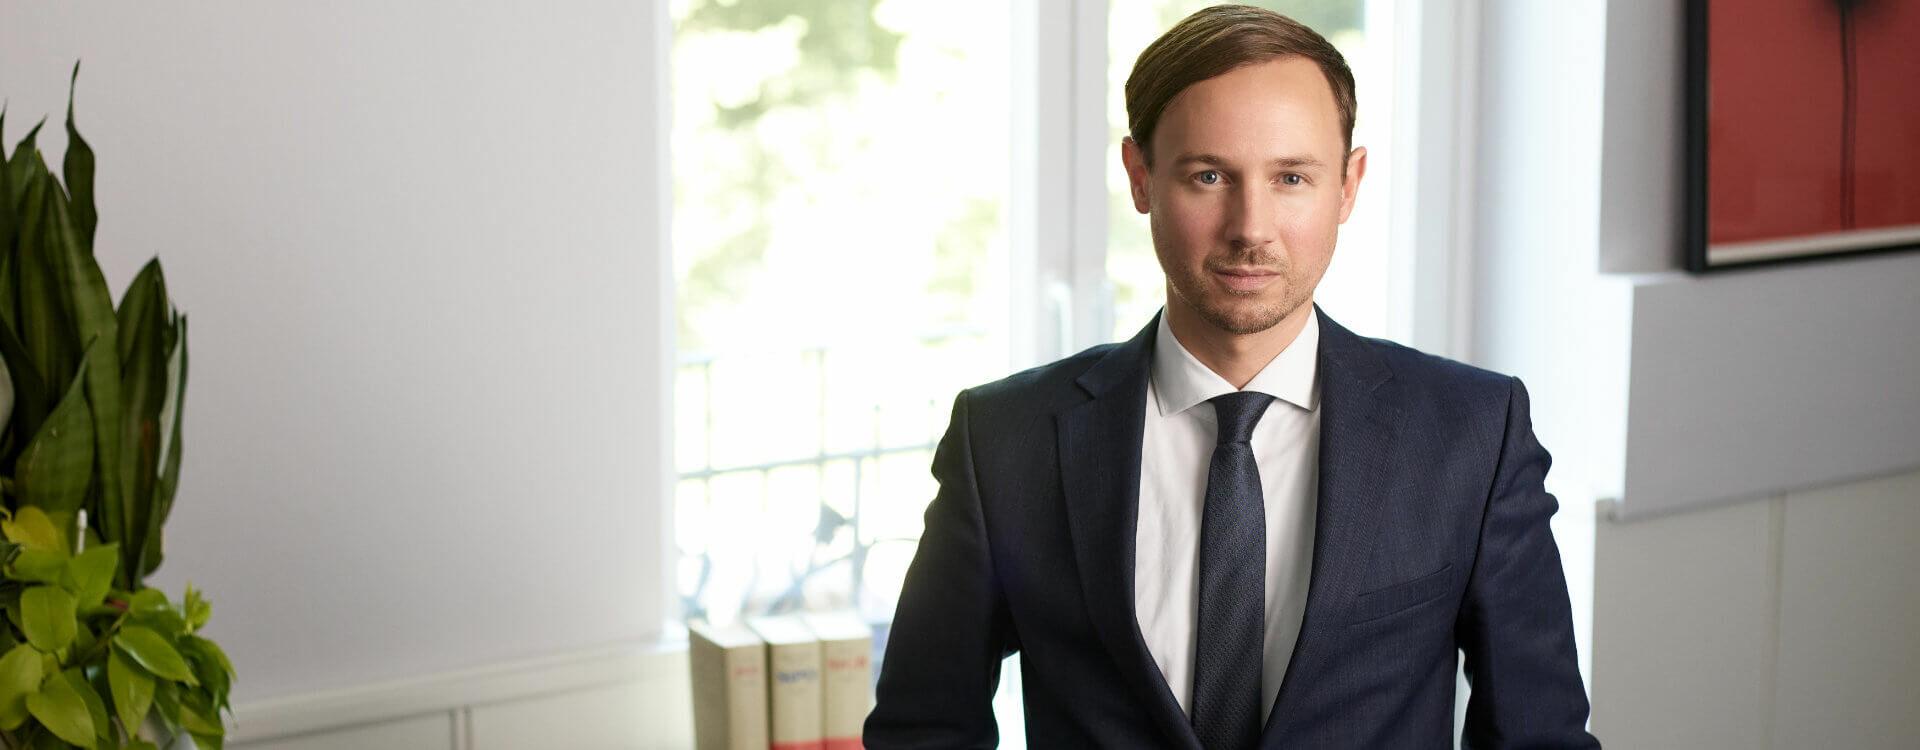 LAUDON SCHNEIDER Strafverteidigung: Rechtsanwalt Michael Eggers, Strafverteidiger Hamburg